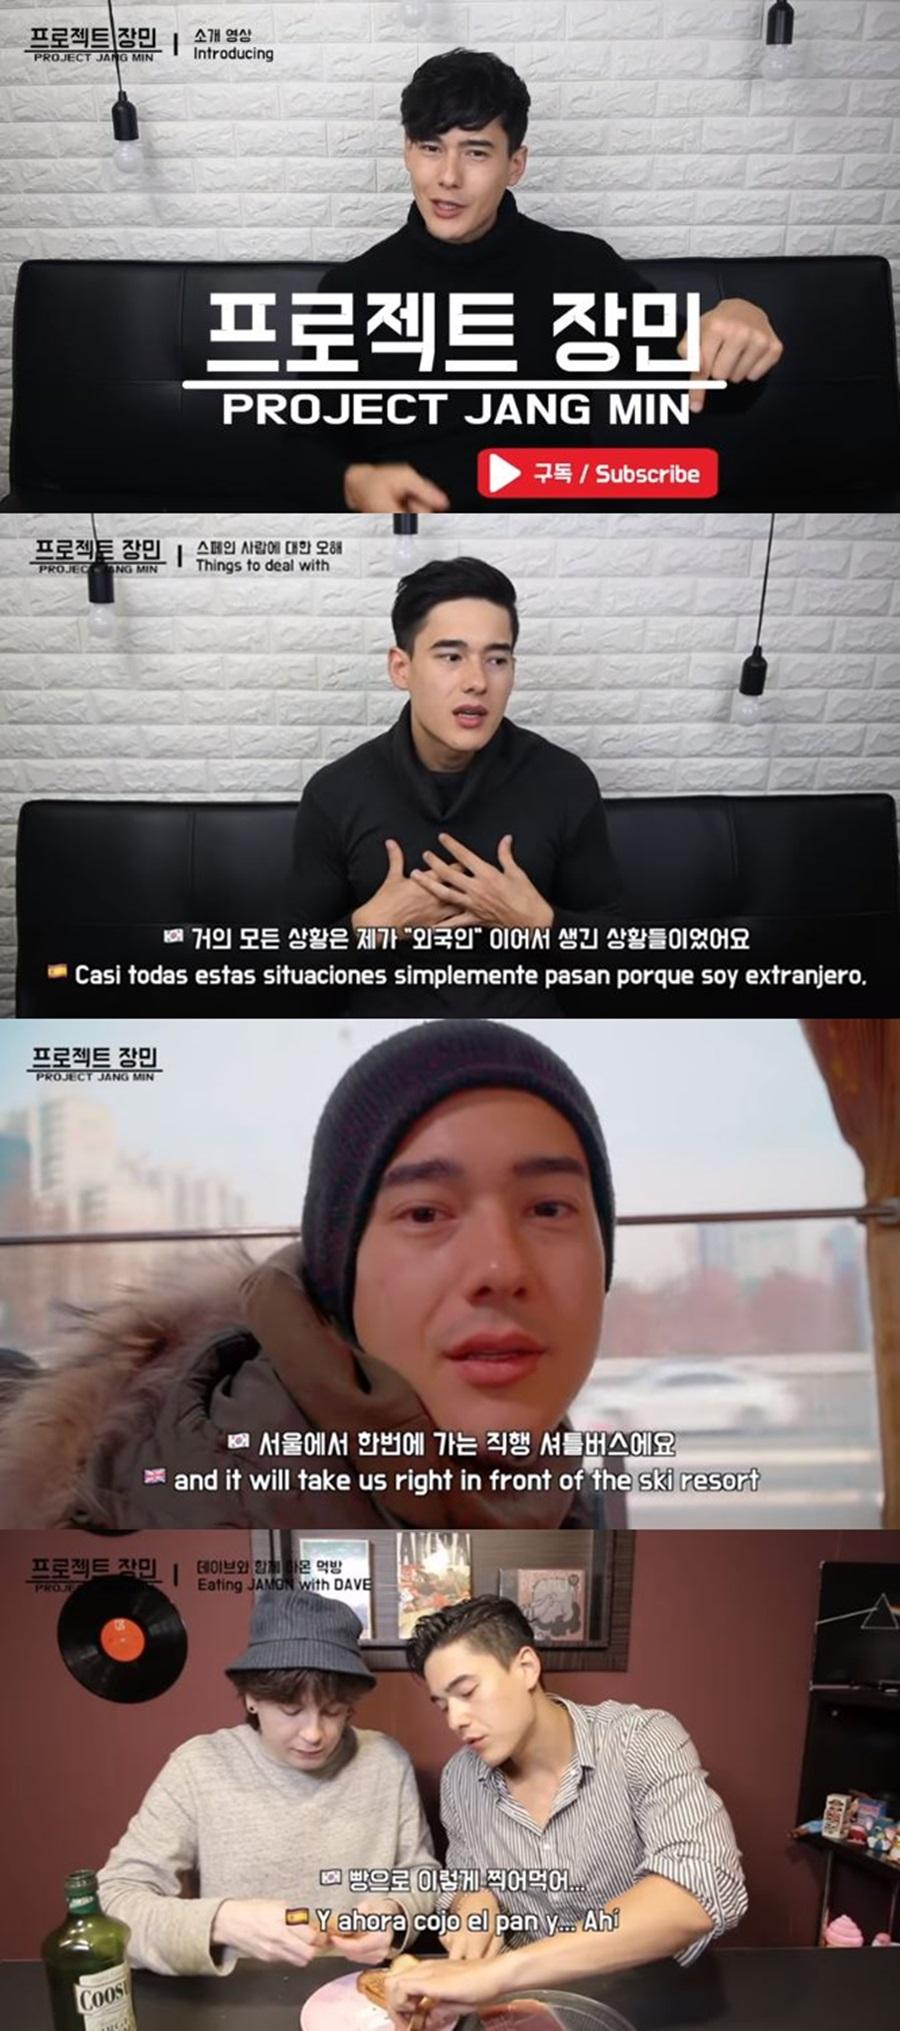 `어서와 한국은 처음이지` 시즌2 5월 10일 첫방송